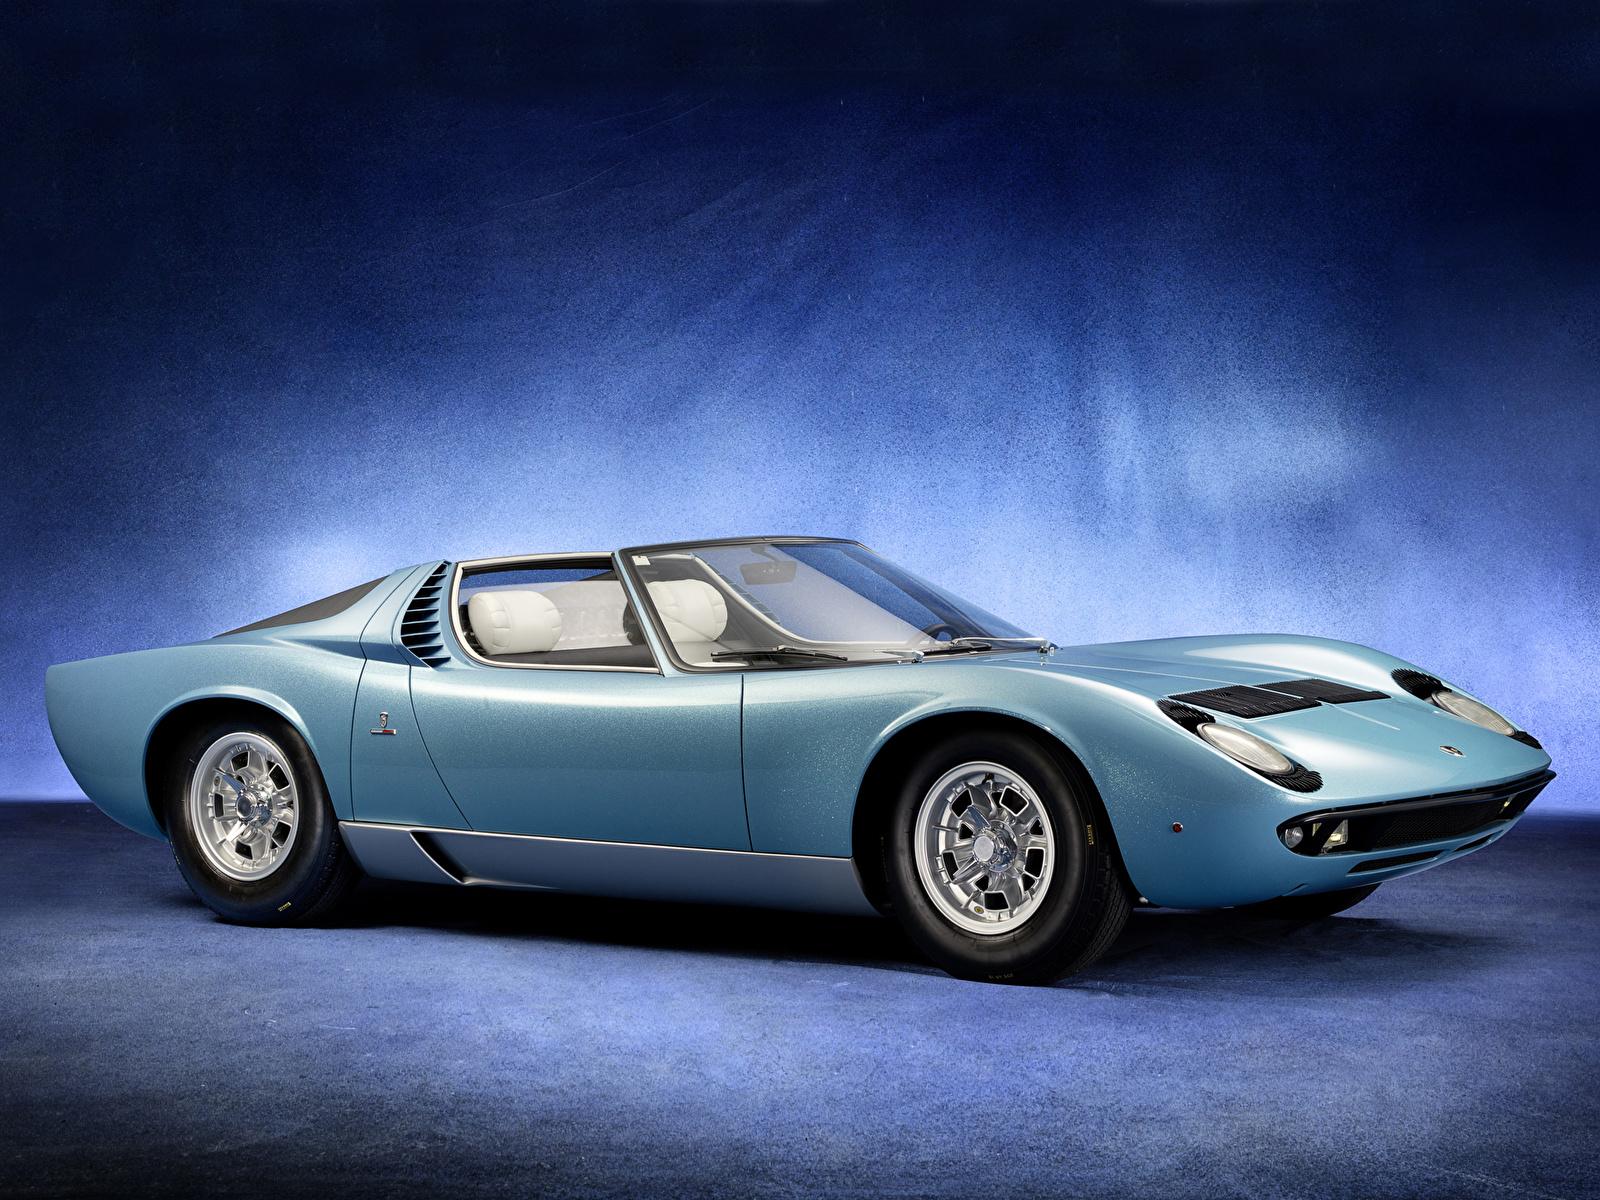 Обои для рабочего стола Lamborghini Miura Roadster 1968 дизайн Bertone Родстер Автомобили 1600x1200 Ламборгини авто машина машины автомобиль